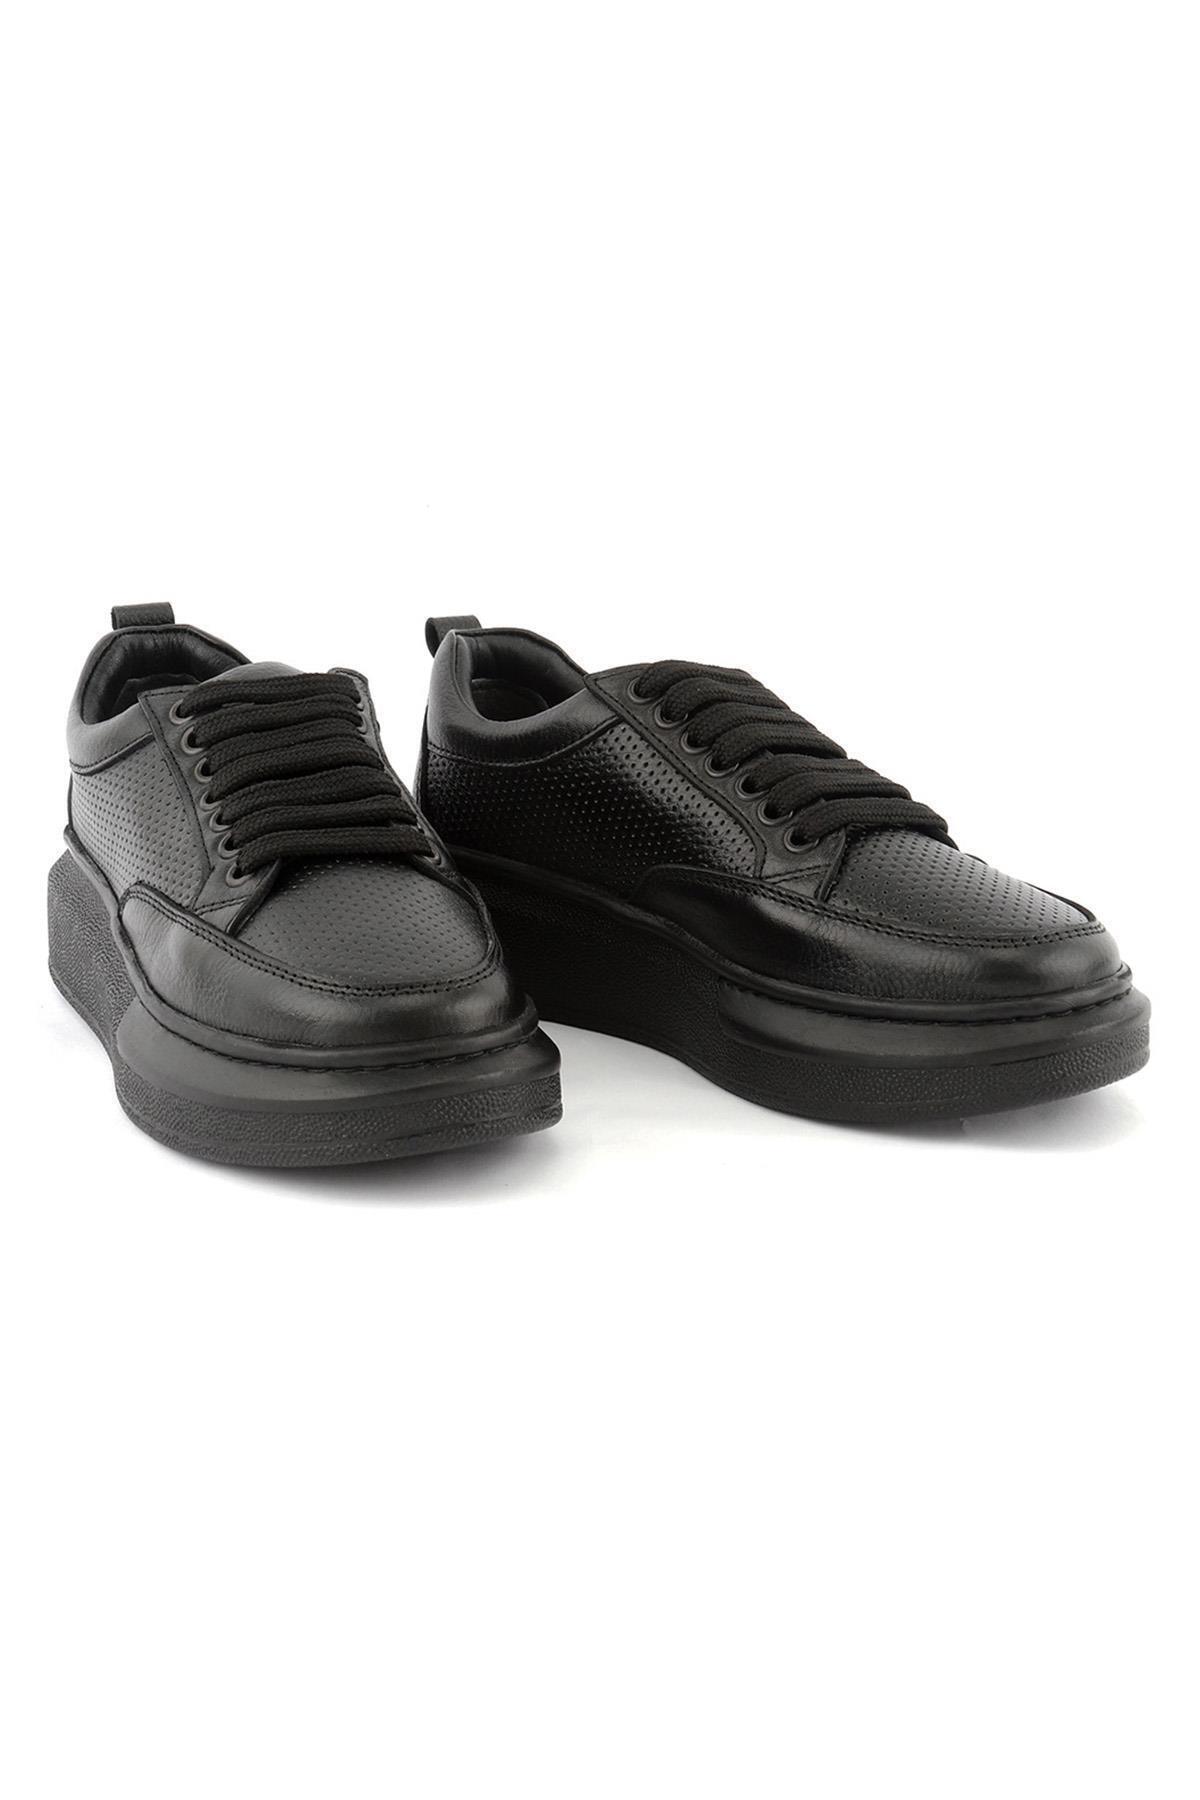 LETOON 2002 Erkek Deri Günlük Ayakkabı 2